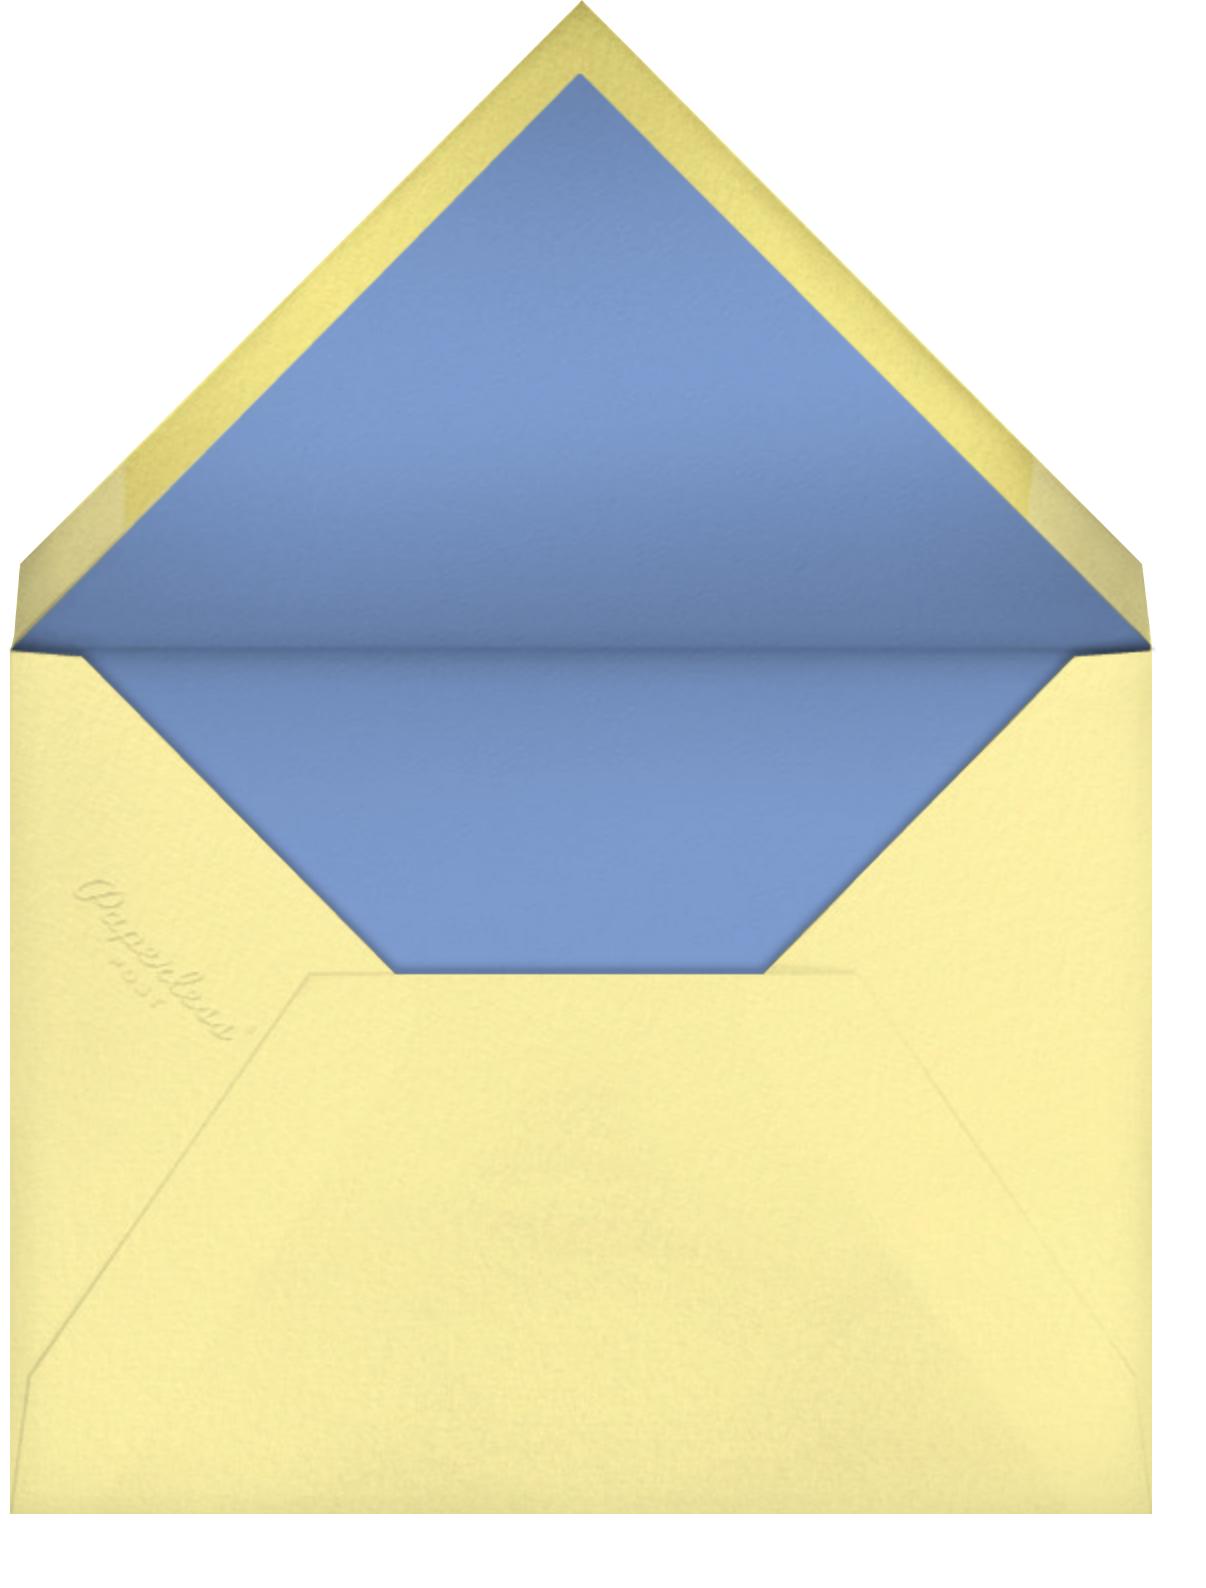 Cherry Blossom Rabbit - Paperless Post - Envelope